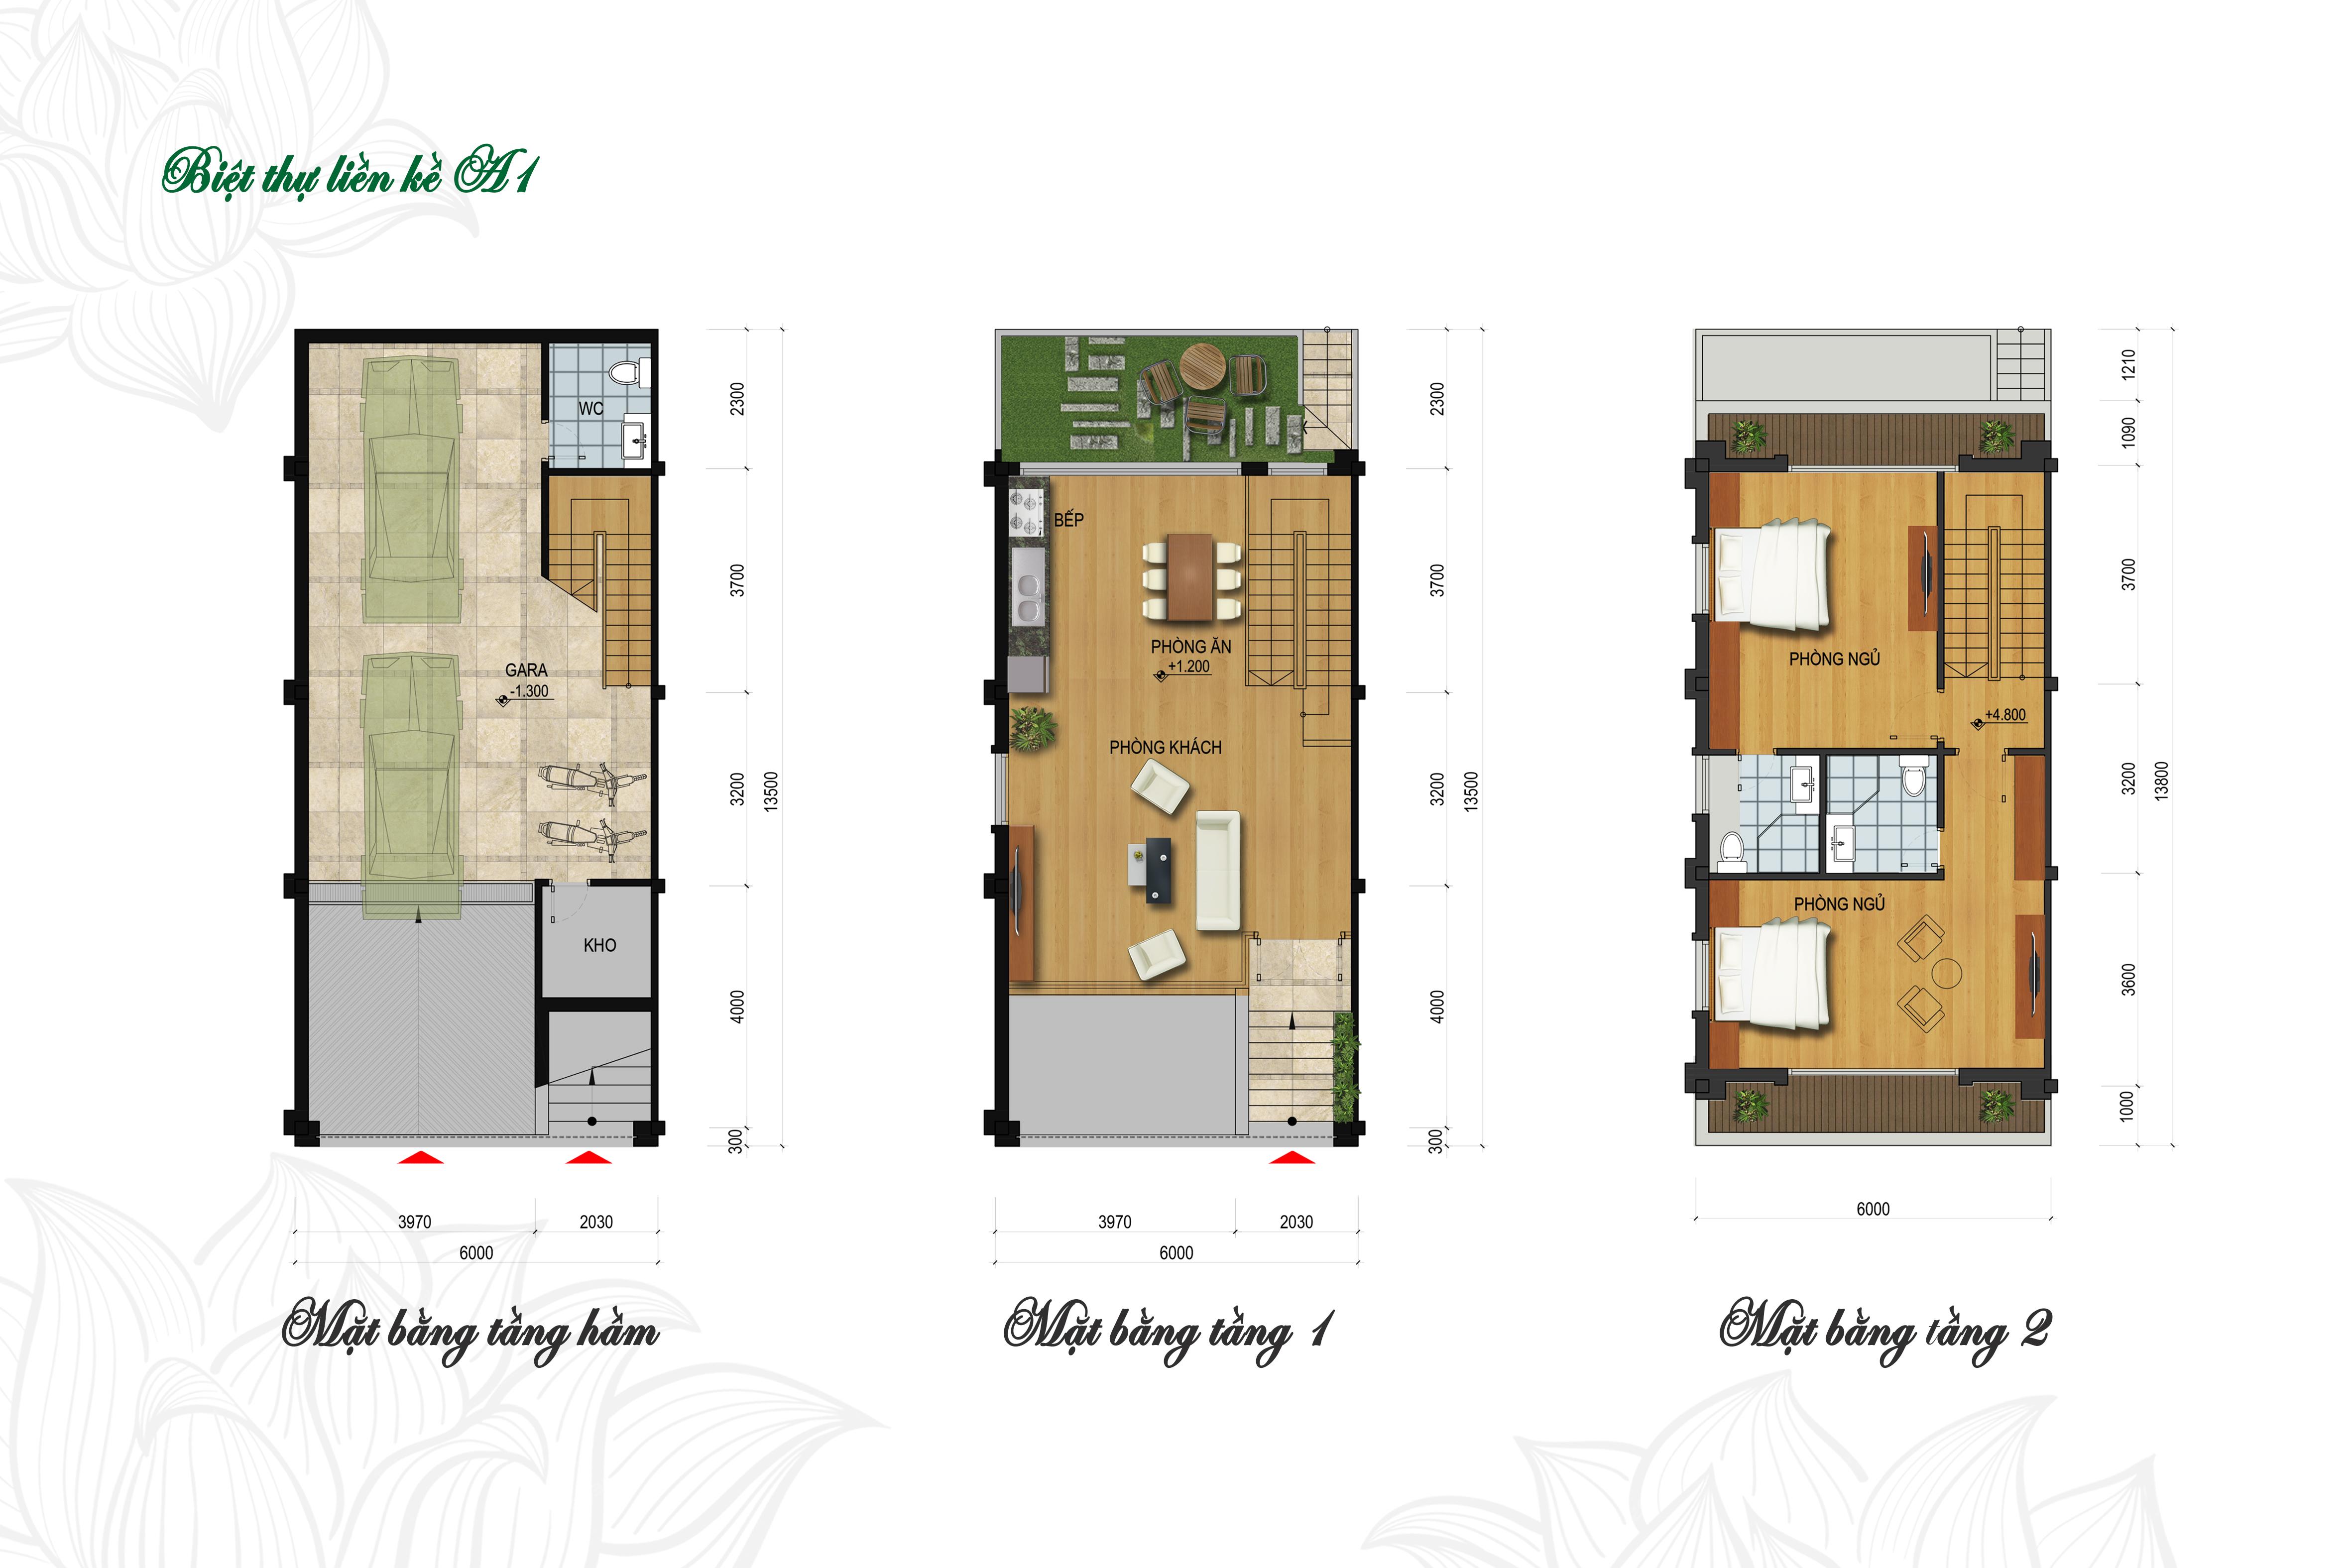 Thiết kế Liền Kề Biệt Thự Khu A